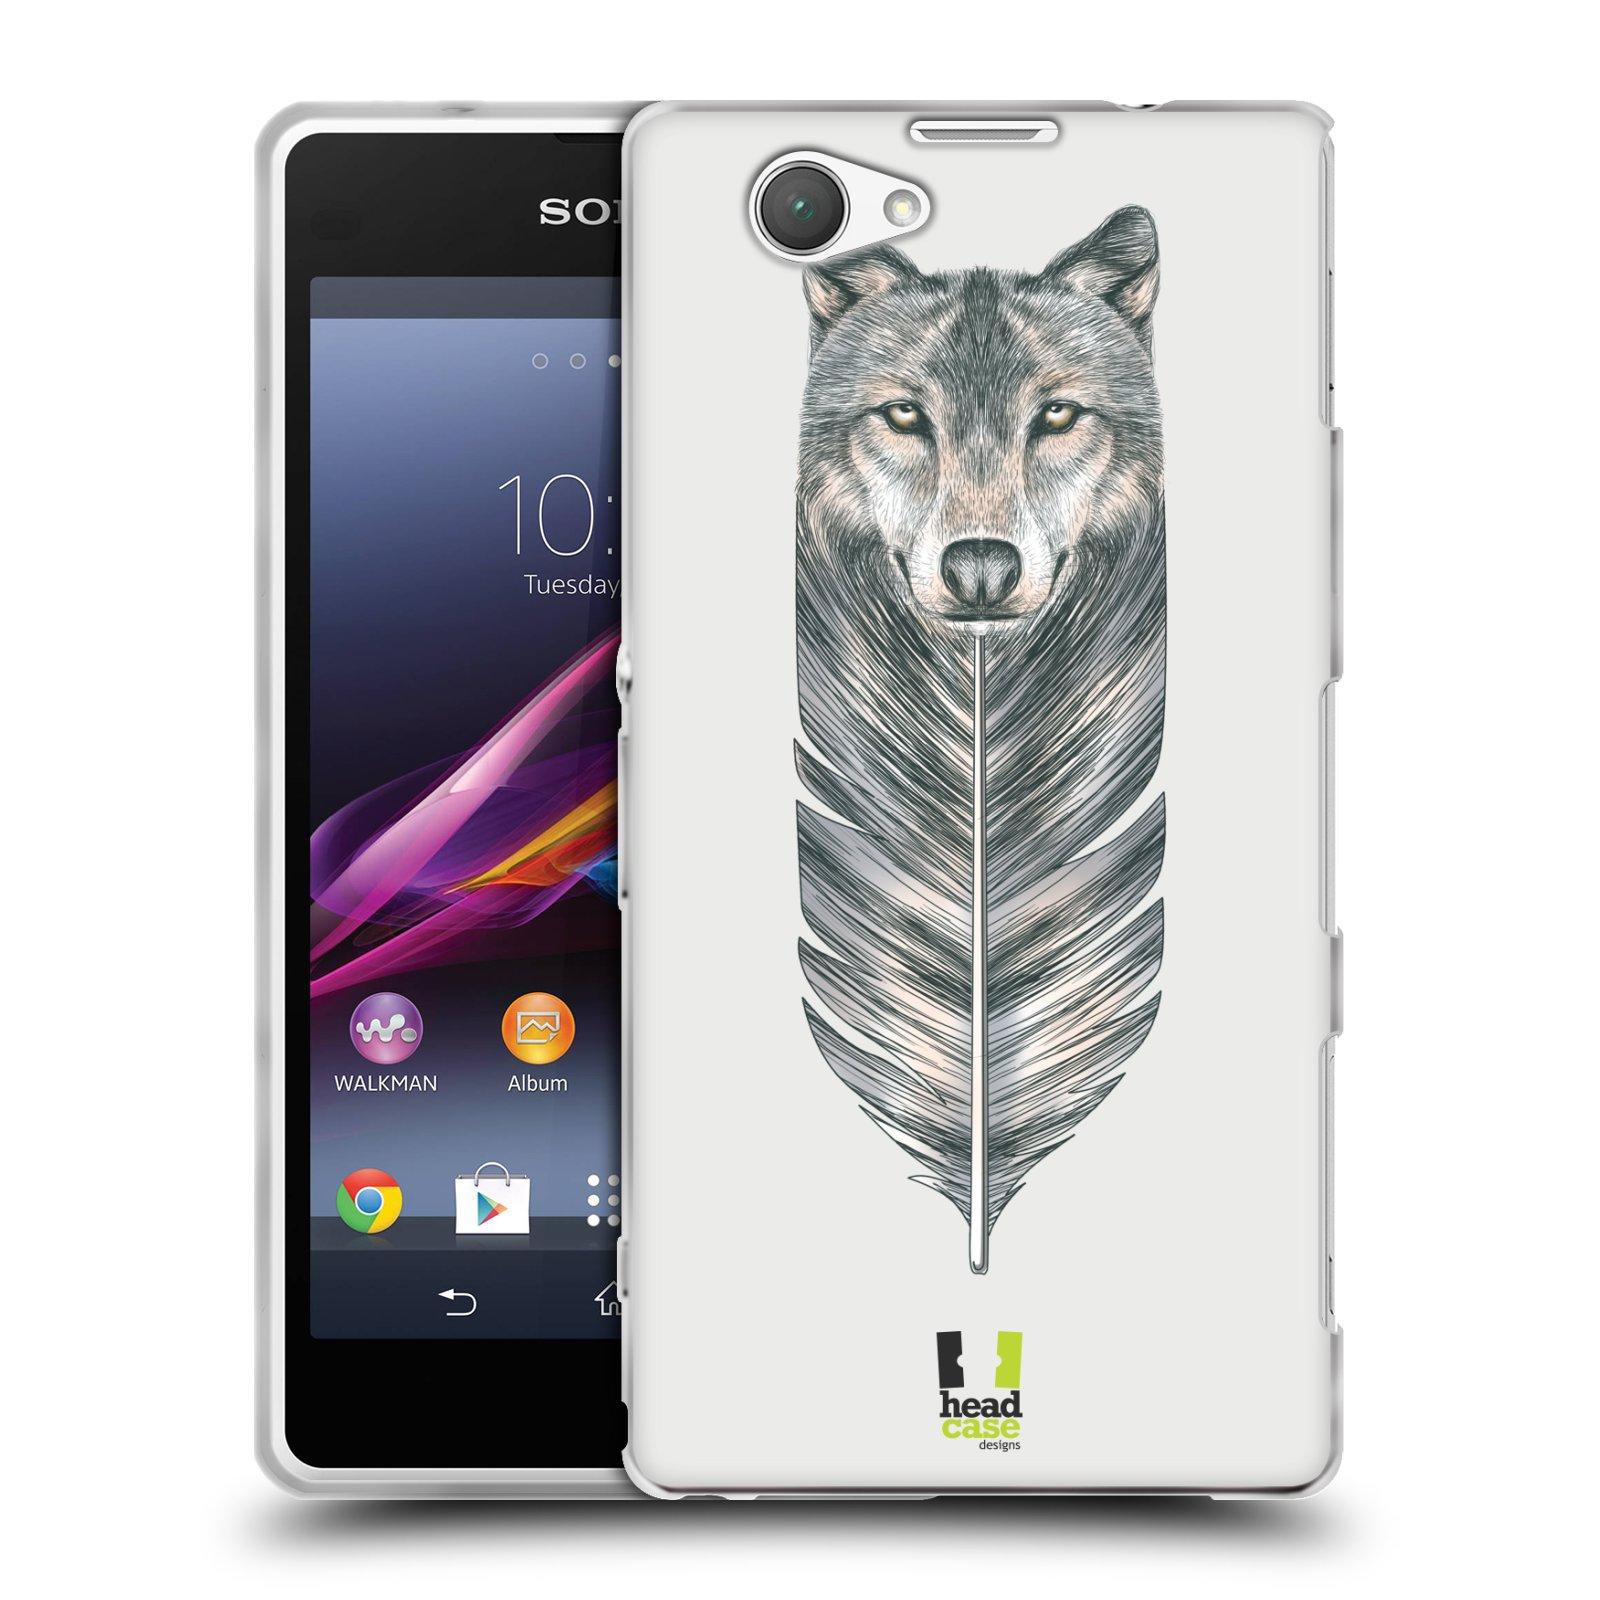 Silikonové pouzdro na mobil Sony Xperia Z1 Compact D5503 HEAD CASE PÍRKO VLK (Silikonový kryt či obal na mobilní telefon Sony Xperia Z1 Compact)